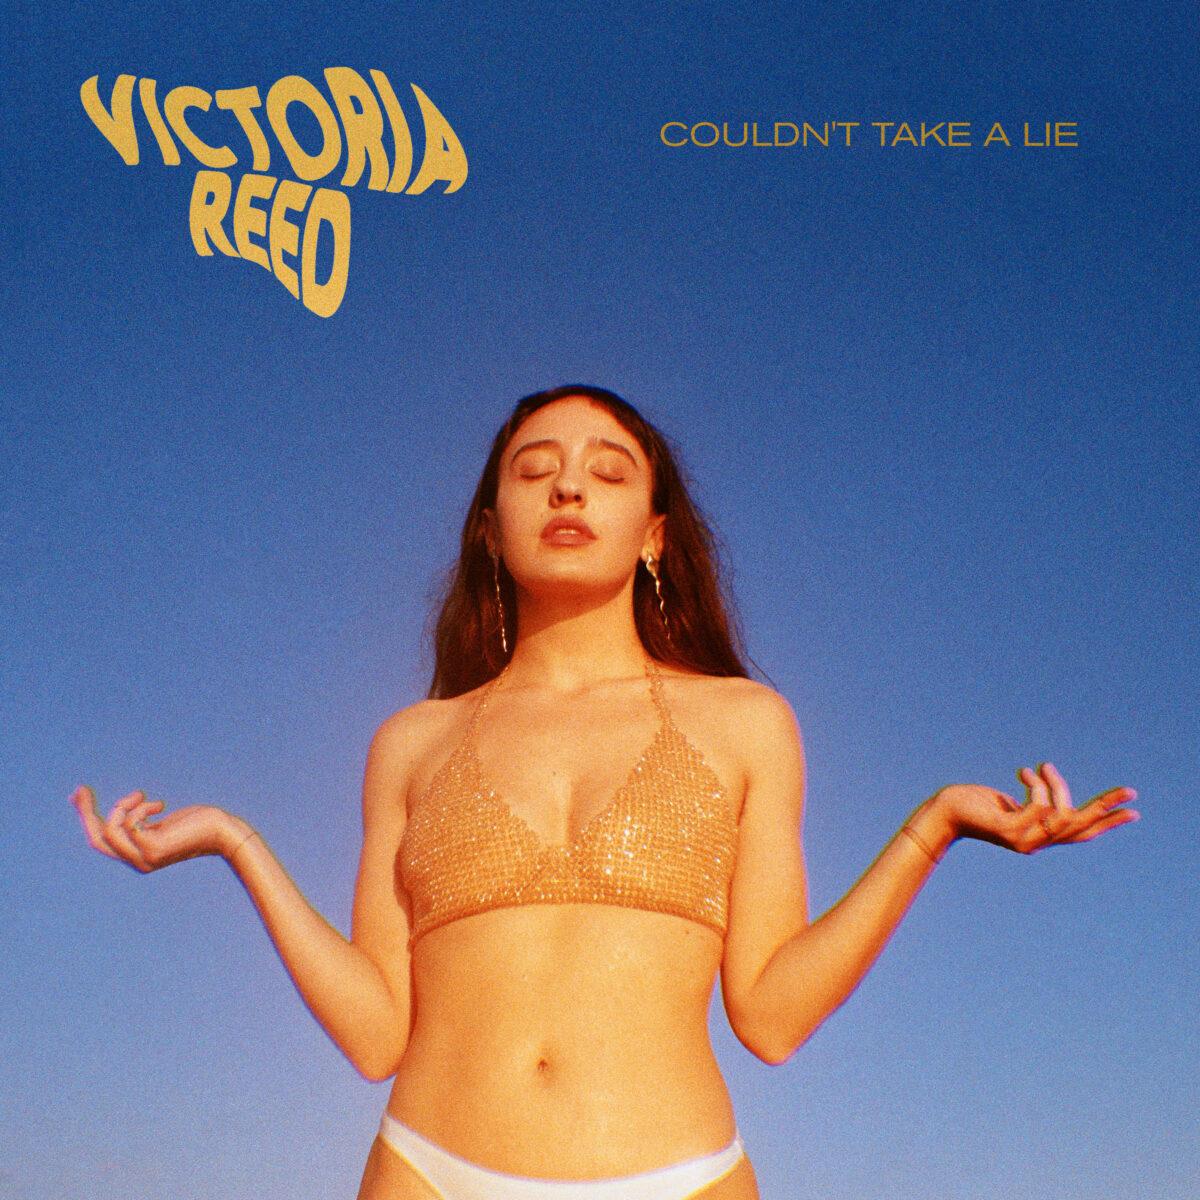 victoria reed estrena couldnt take a lie para celebrar el lanzamiento del vinilo de aquamadre unnamed 3